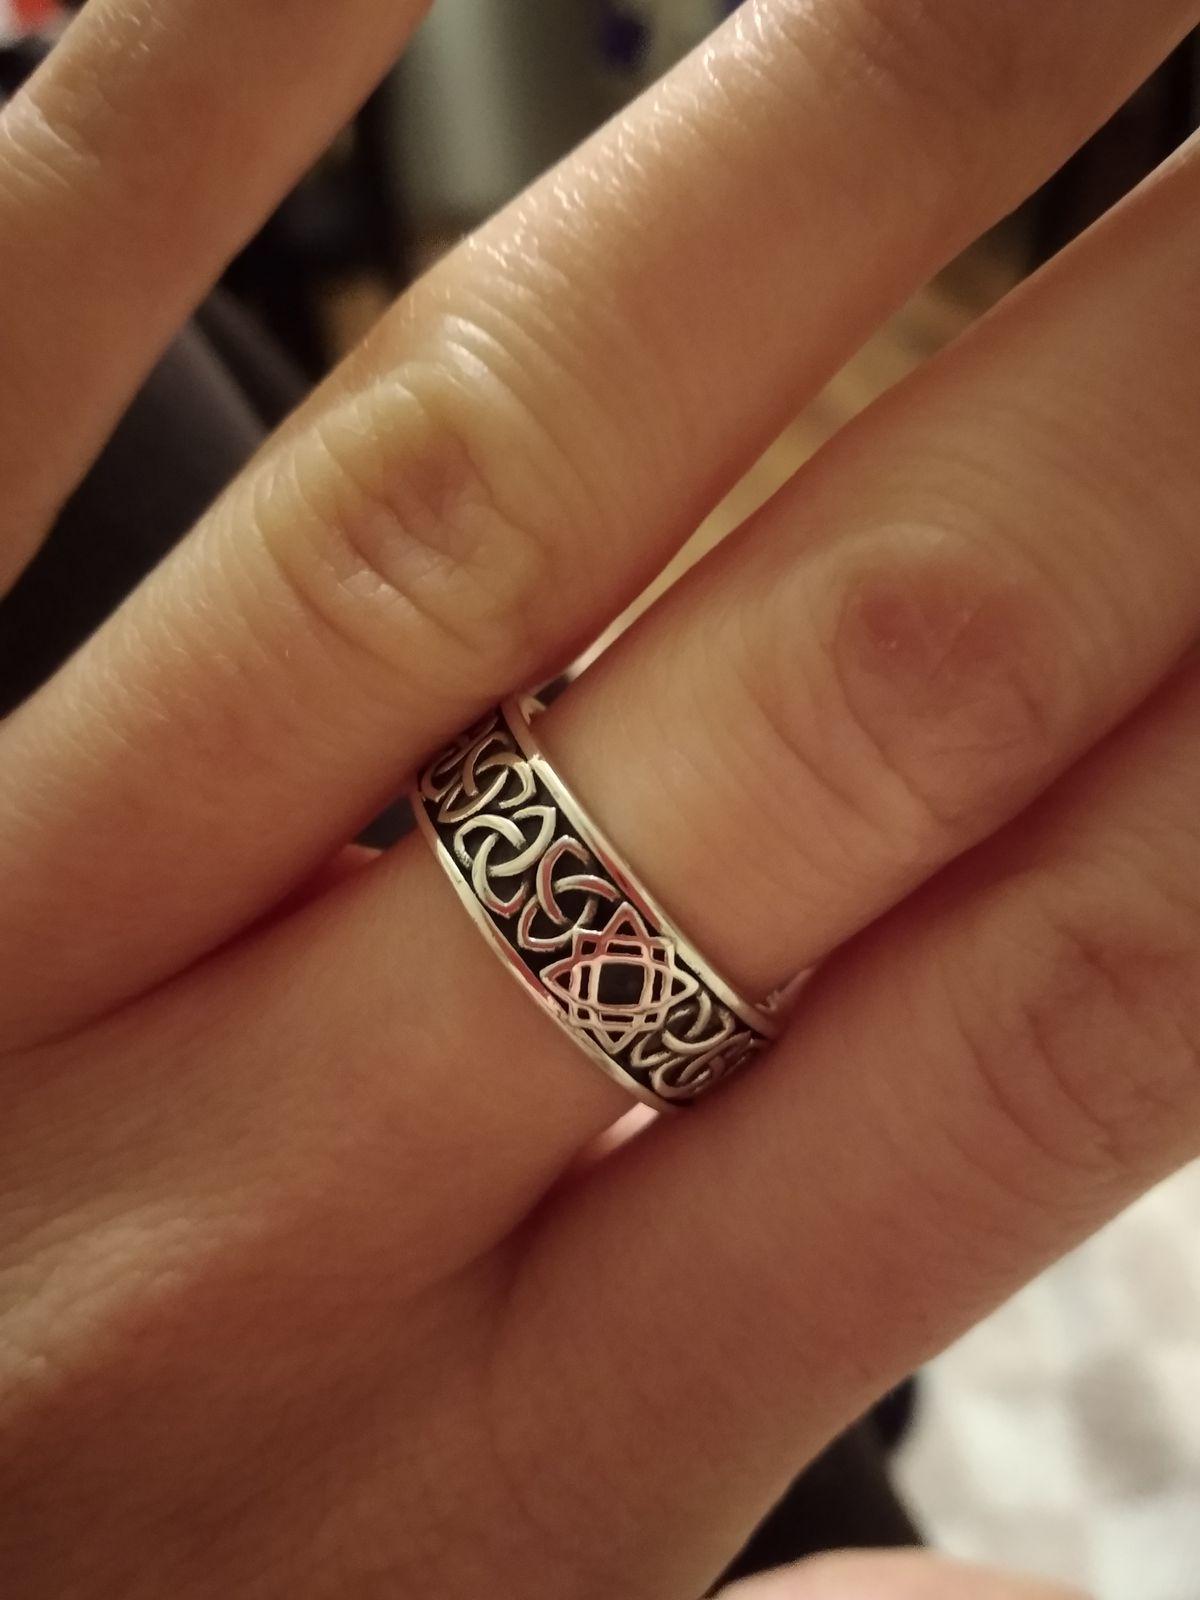 Кольцо, символ Звезда Лады